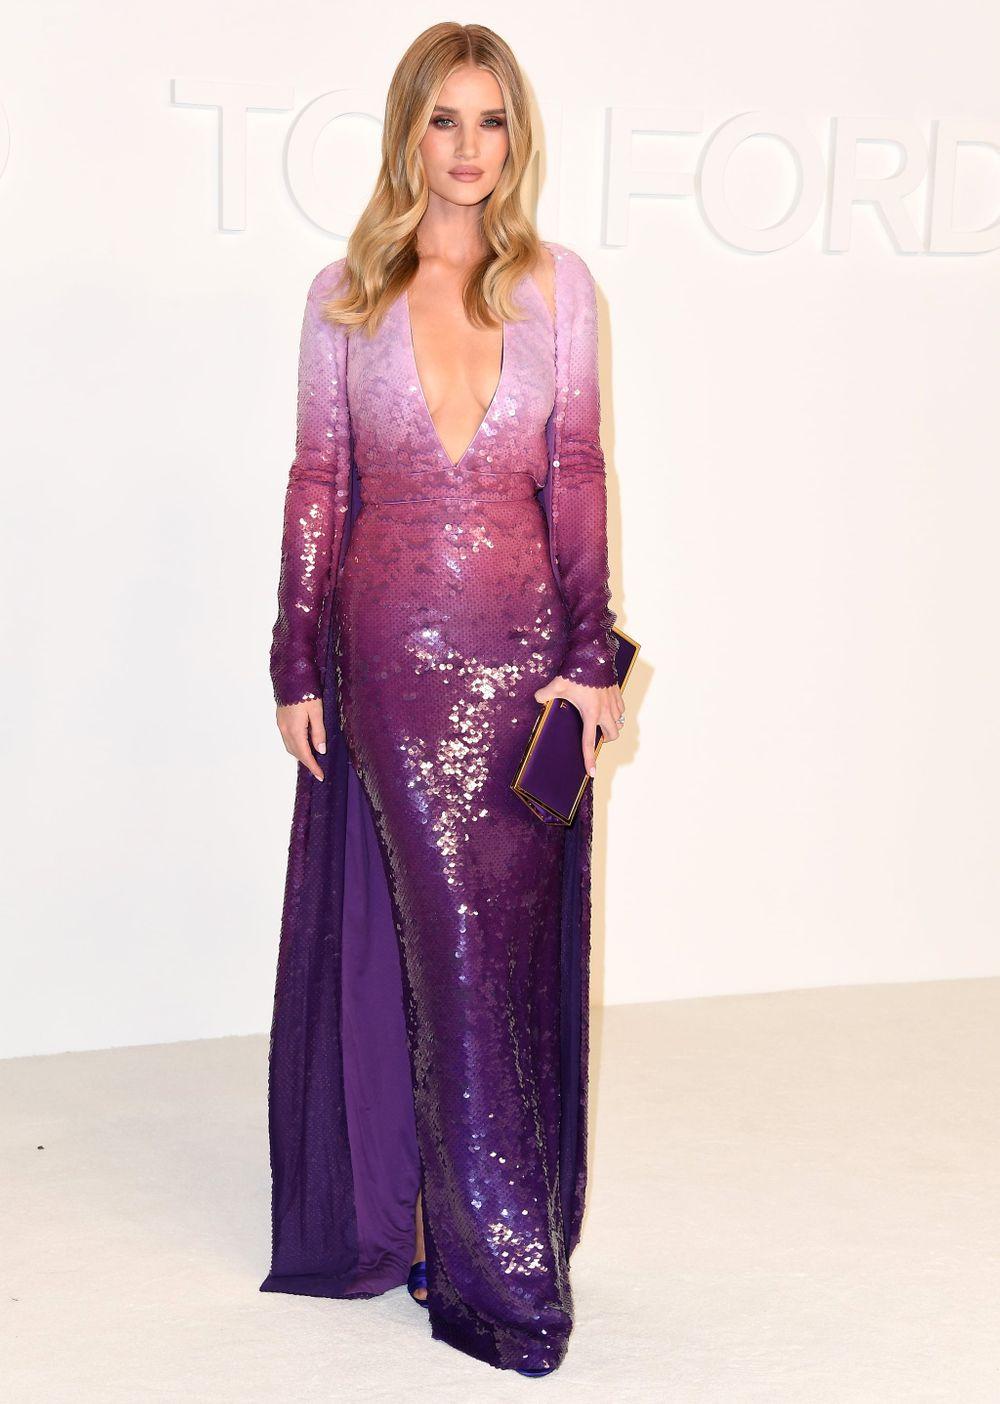 Rosie Huntington Whiteleys Fashion Promo